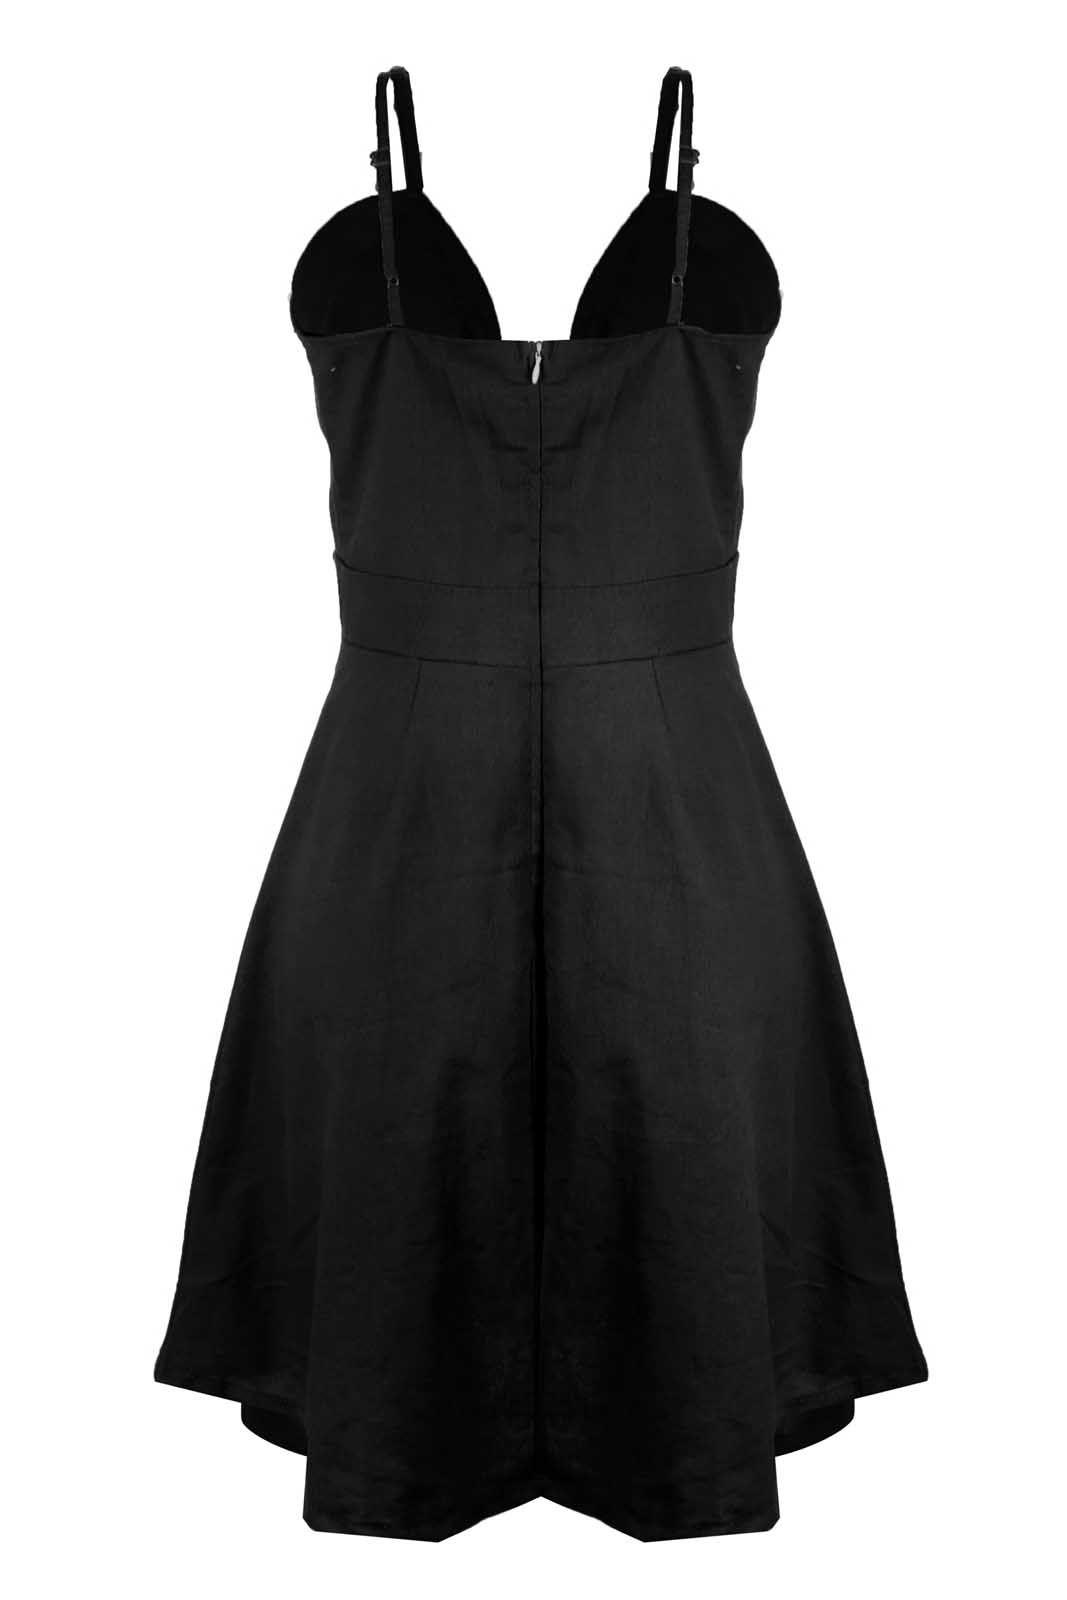 Vestido Outlet Dri Rodado Linho Botões Frontais Cores Primavera Verão Preto